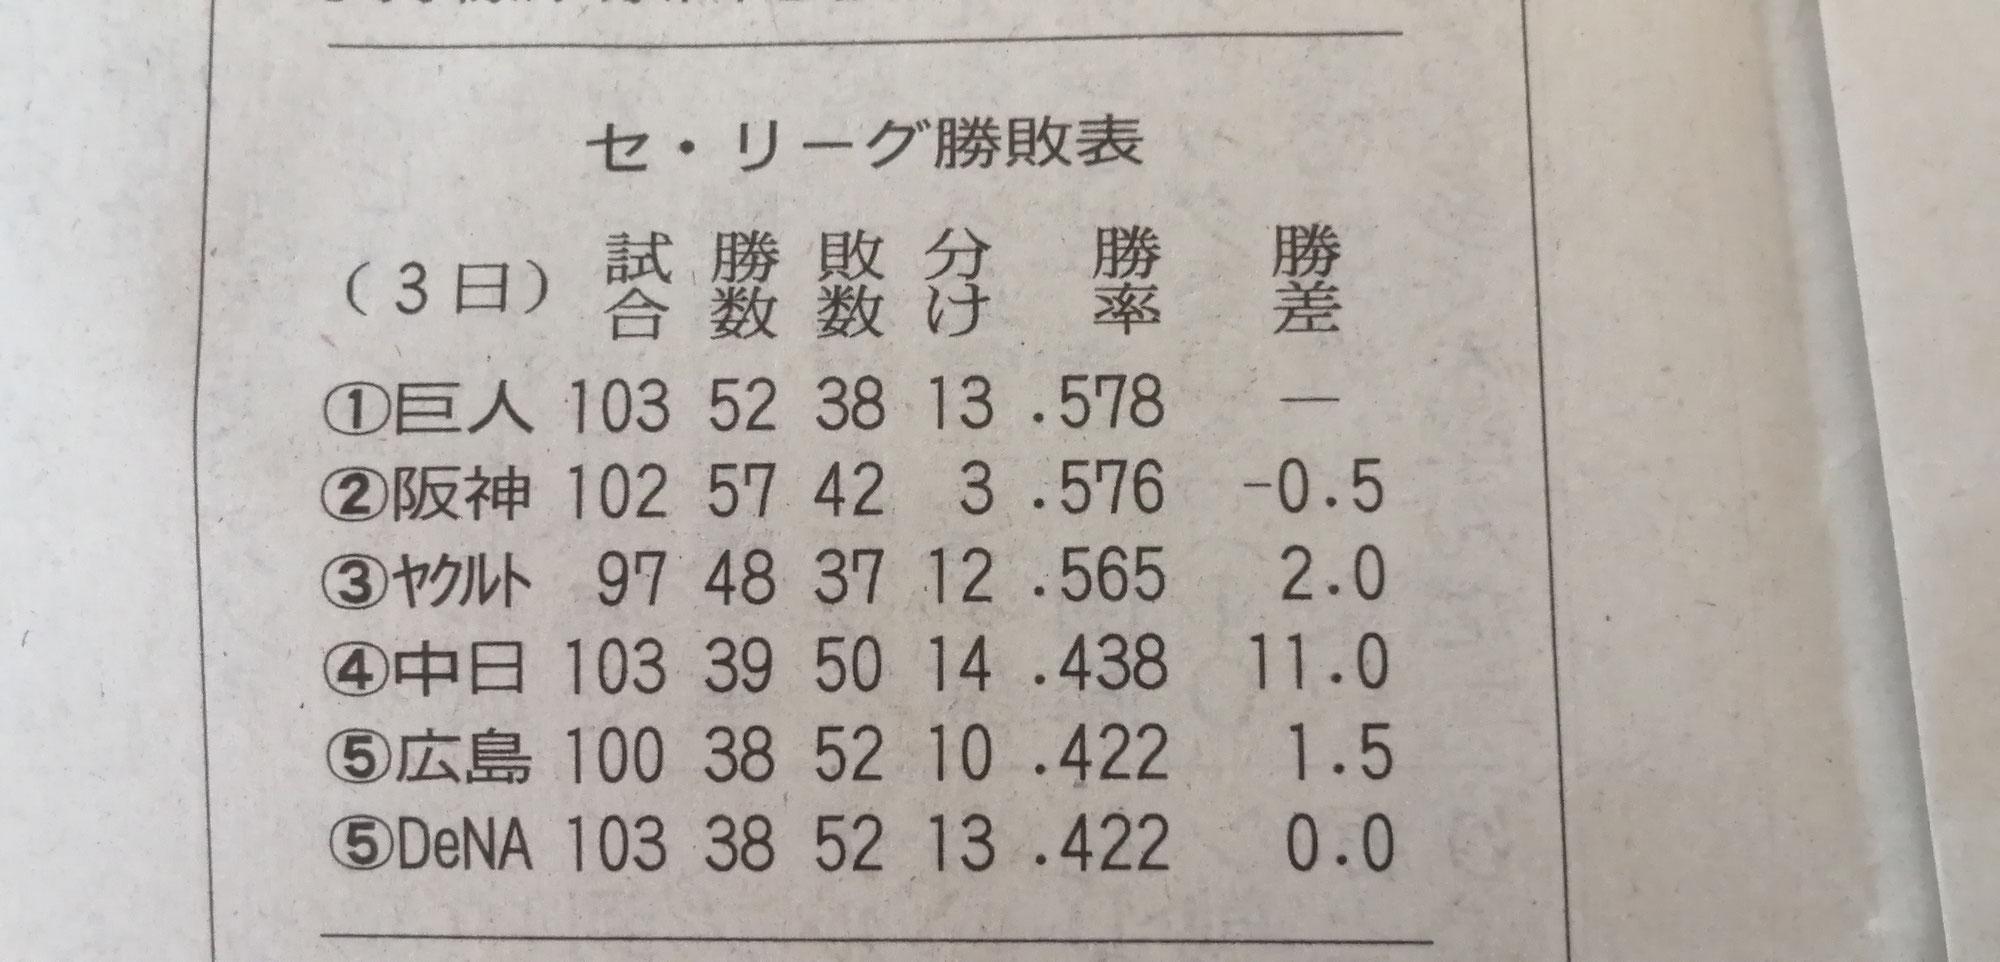 1位と2位のゲーム差がマイナス0.5ゲーム差?